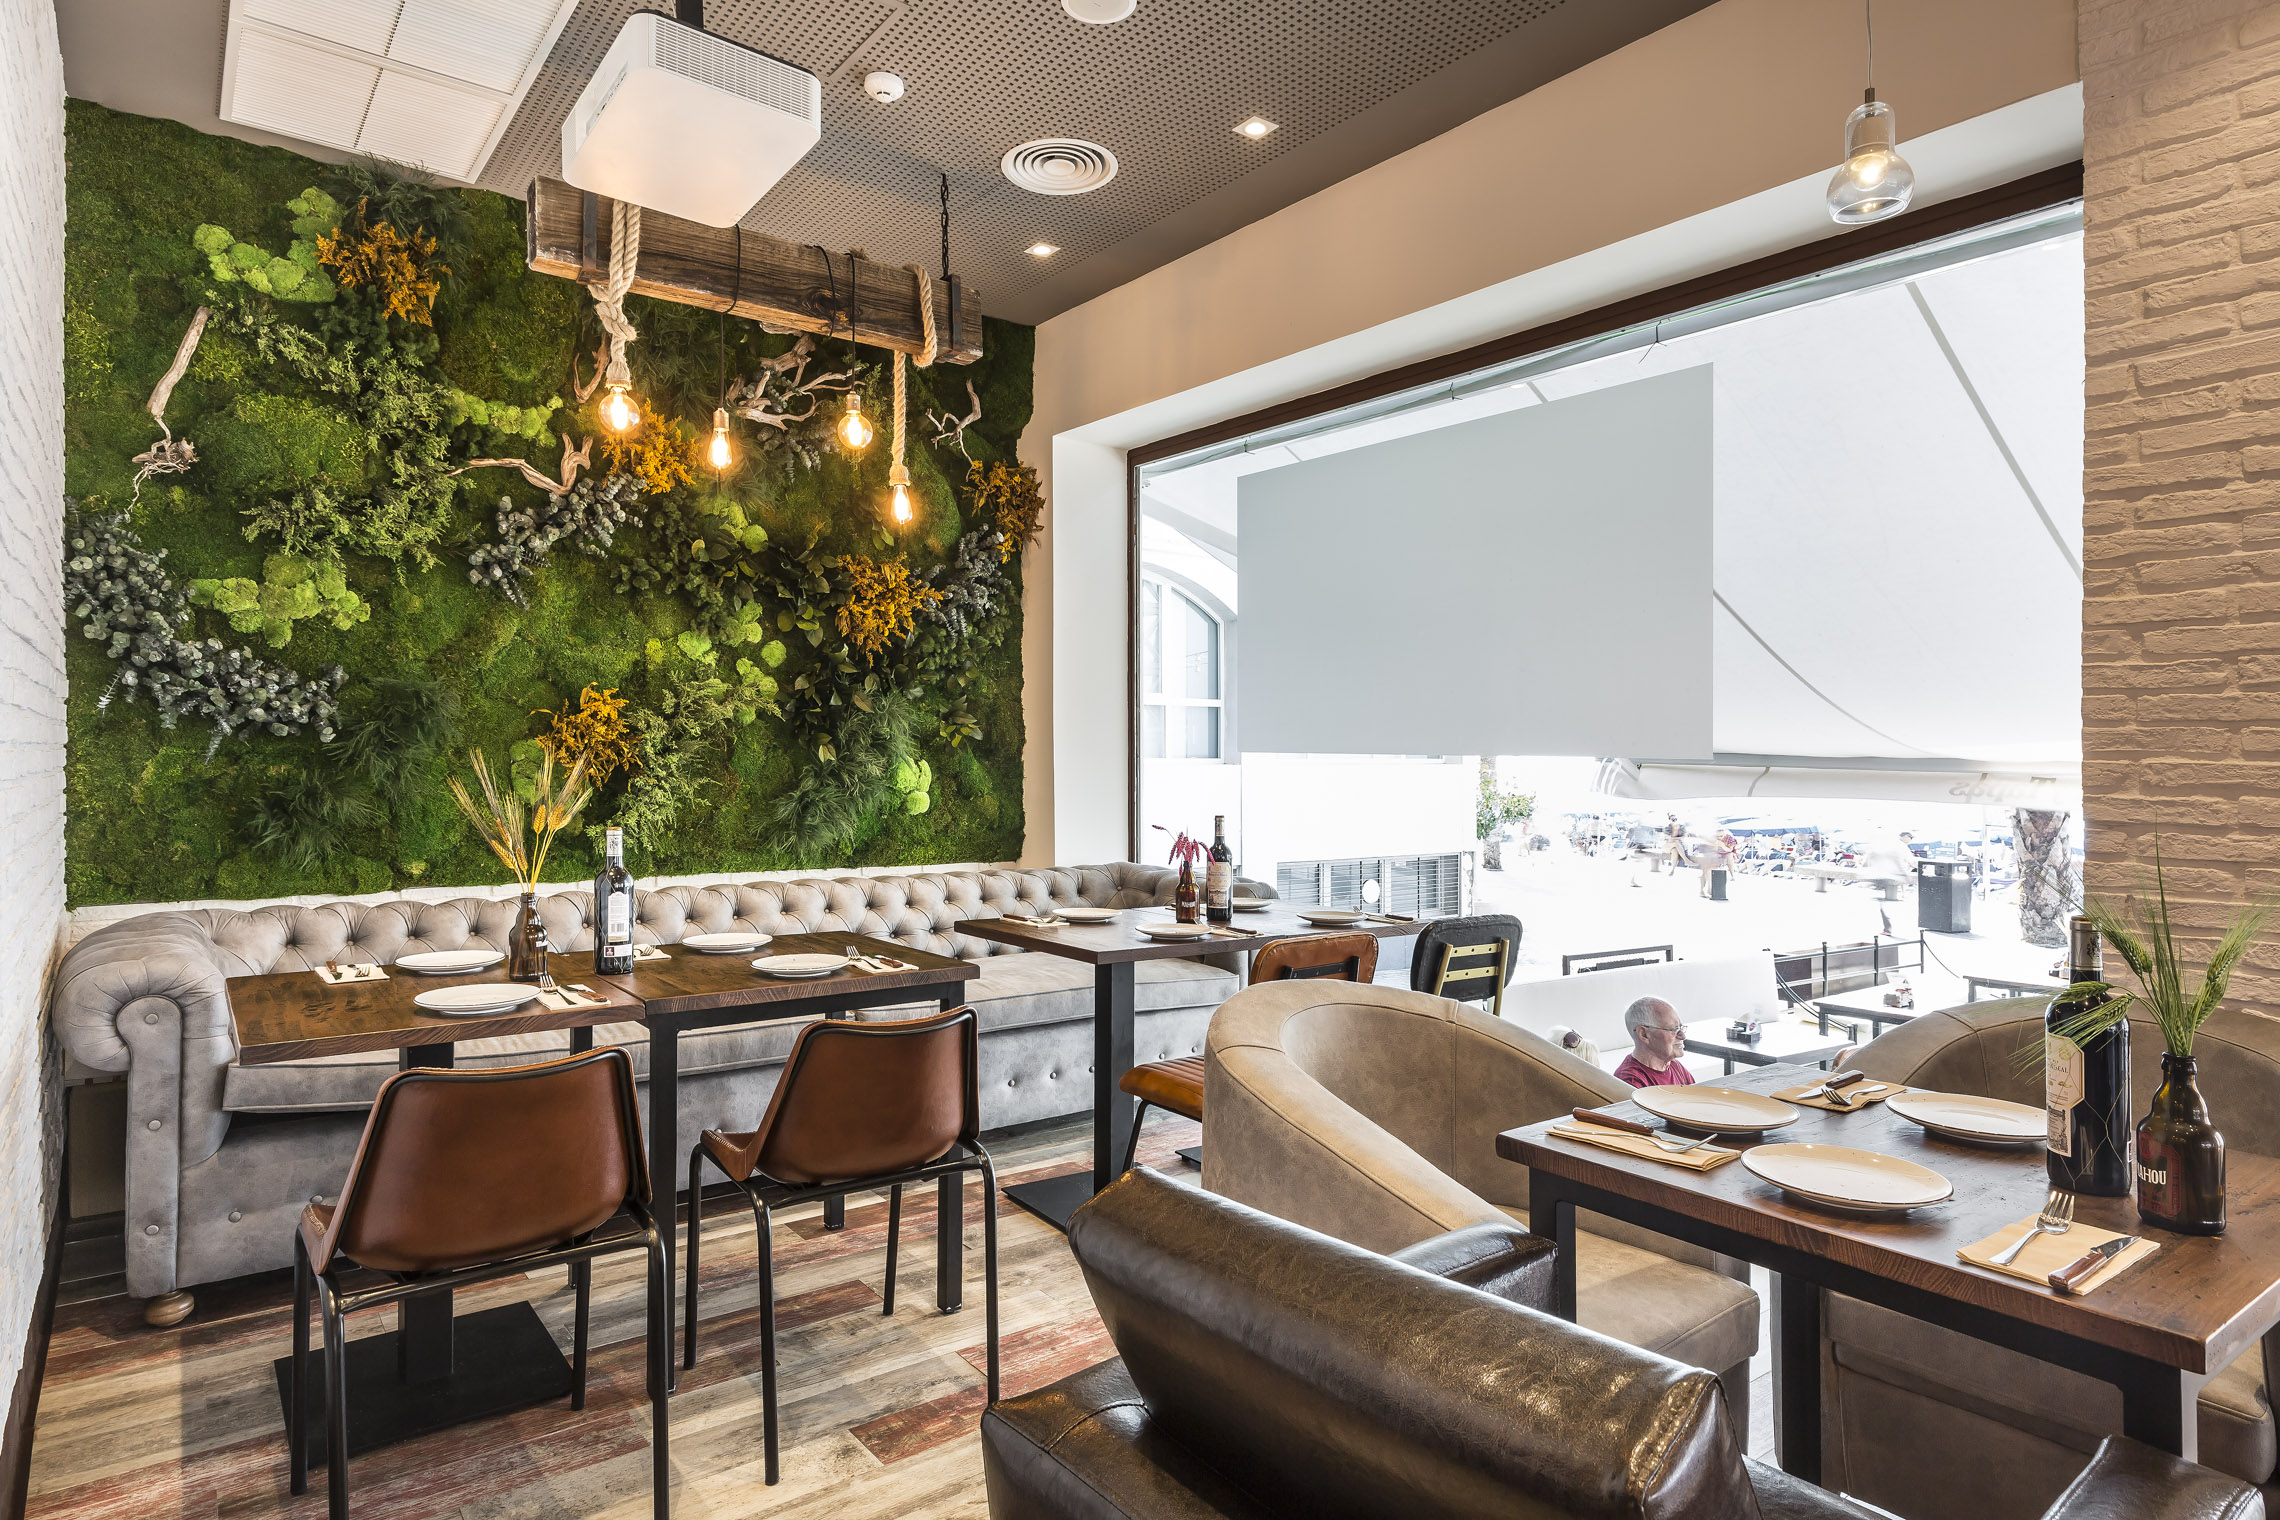 Plantas preservadas muro verde diseño restaurante